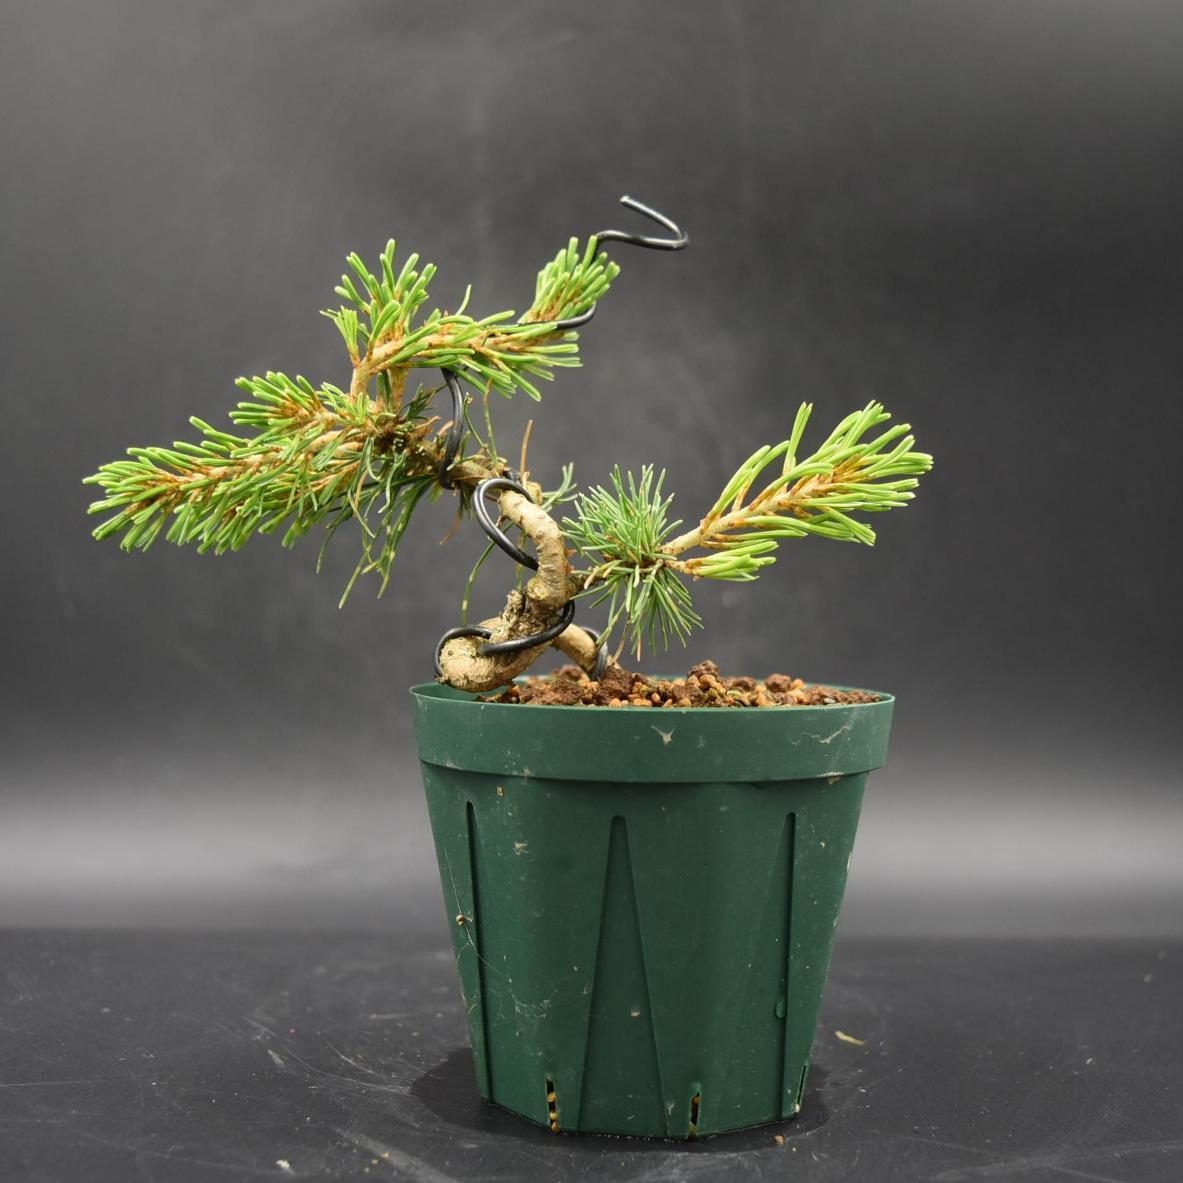 斑入り五葉松 【花火】 ミニ盆栽素材 数量物 樹形色々 樹高9cm #619_画像3